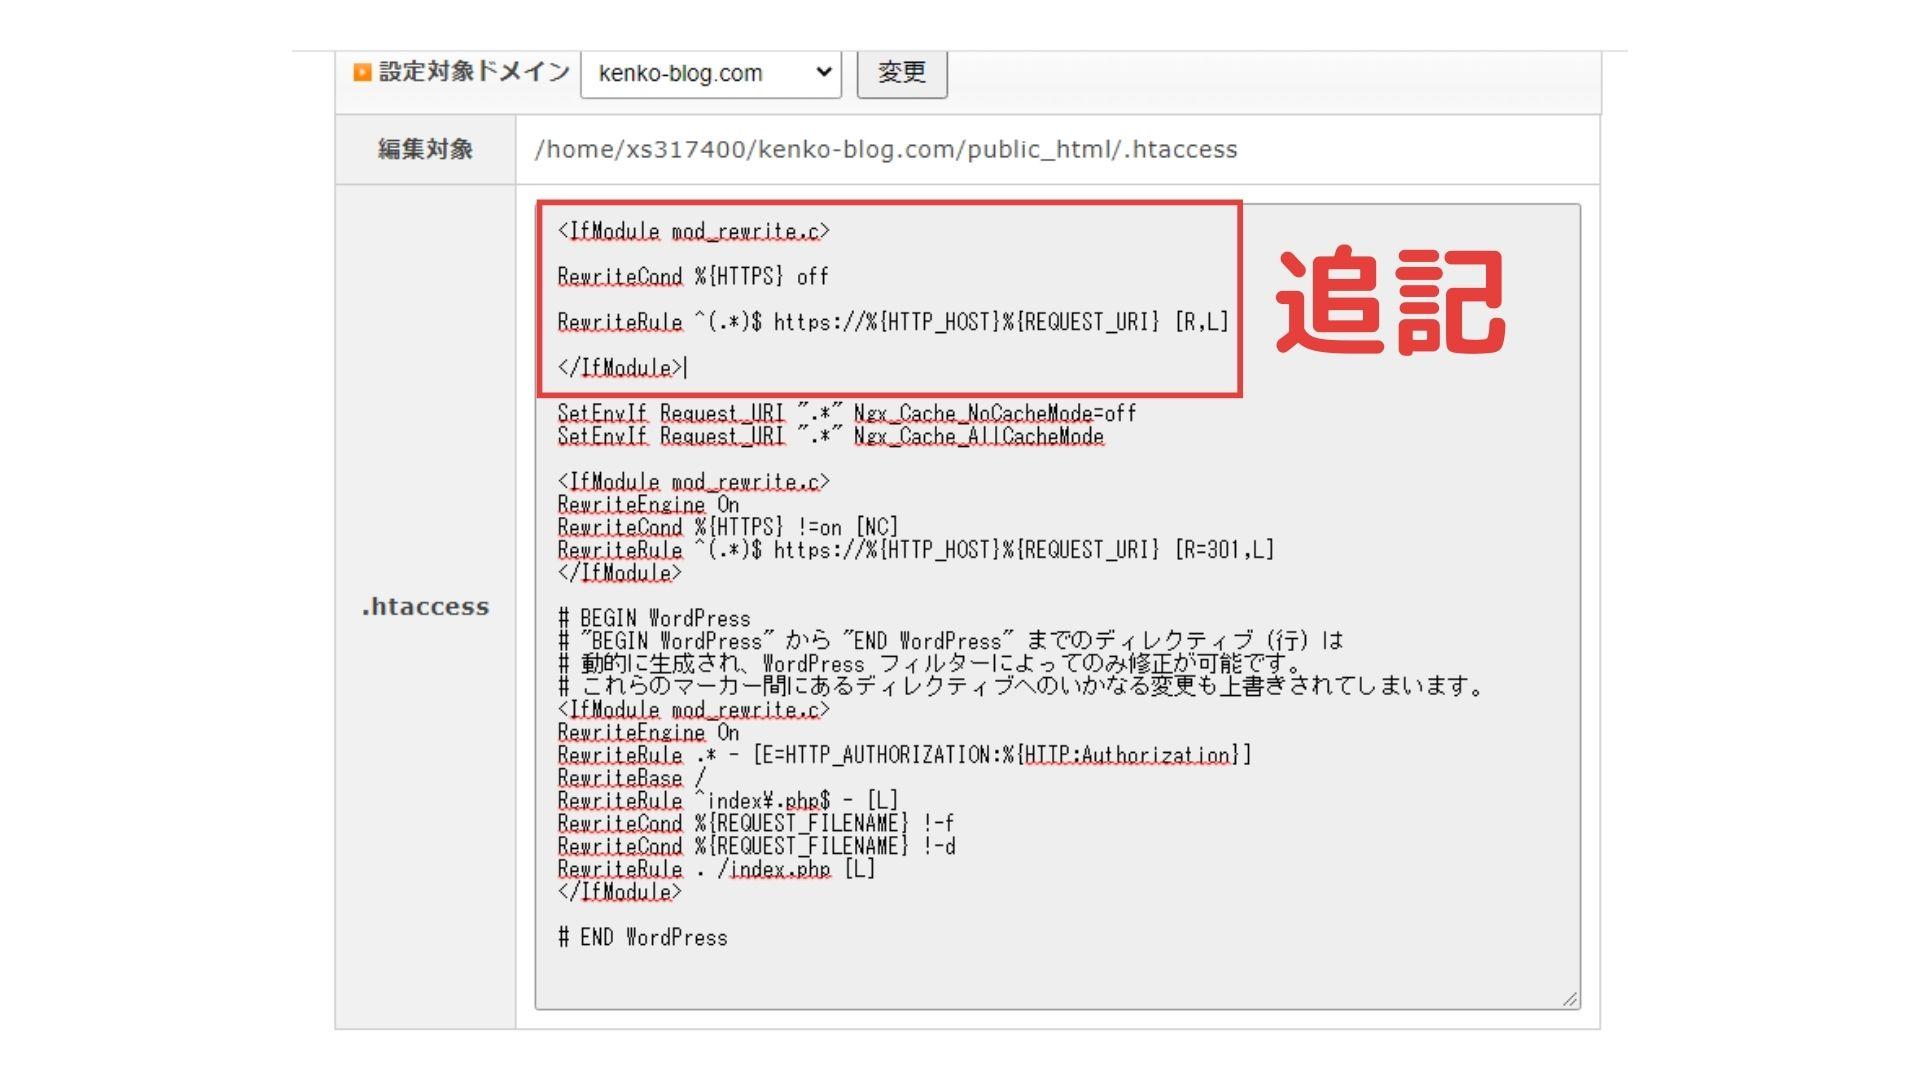 7.「http」→「https」にリダイレクトするためのコードを追記する